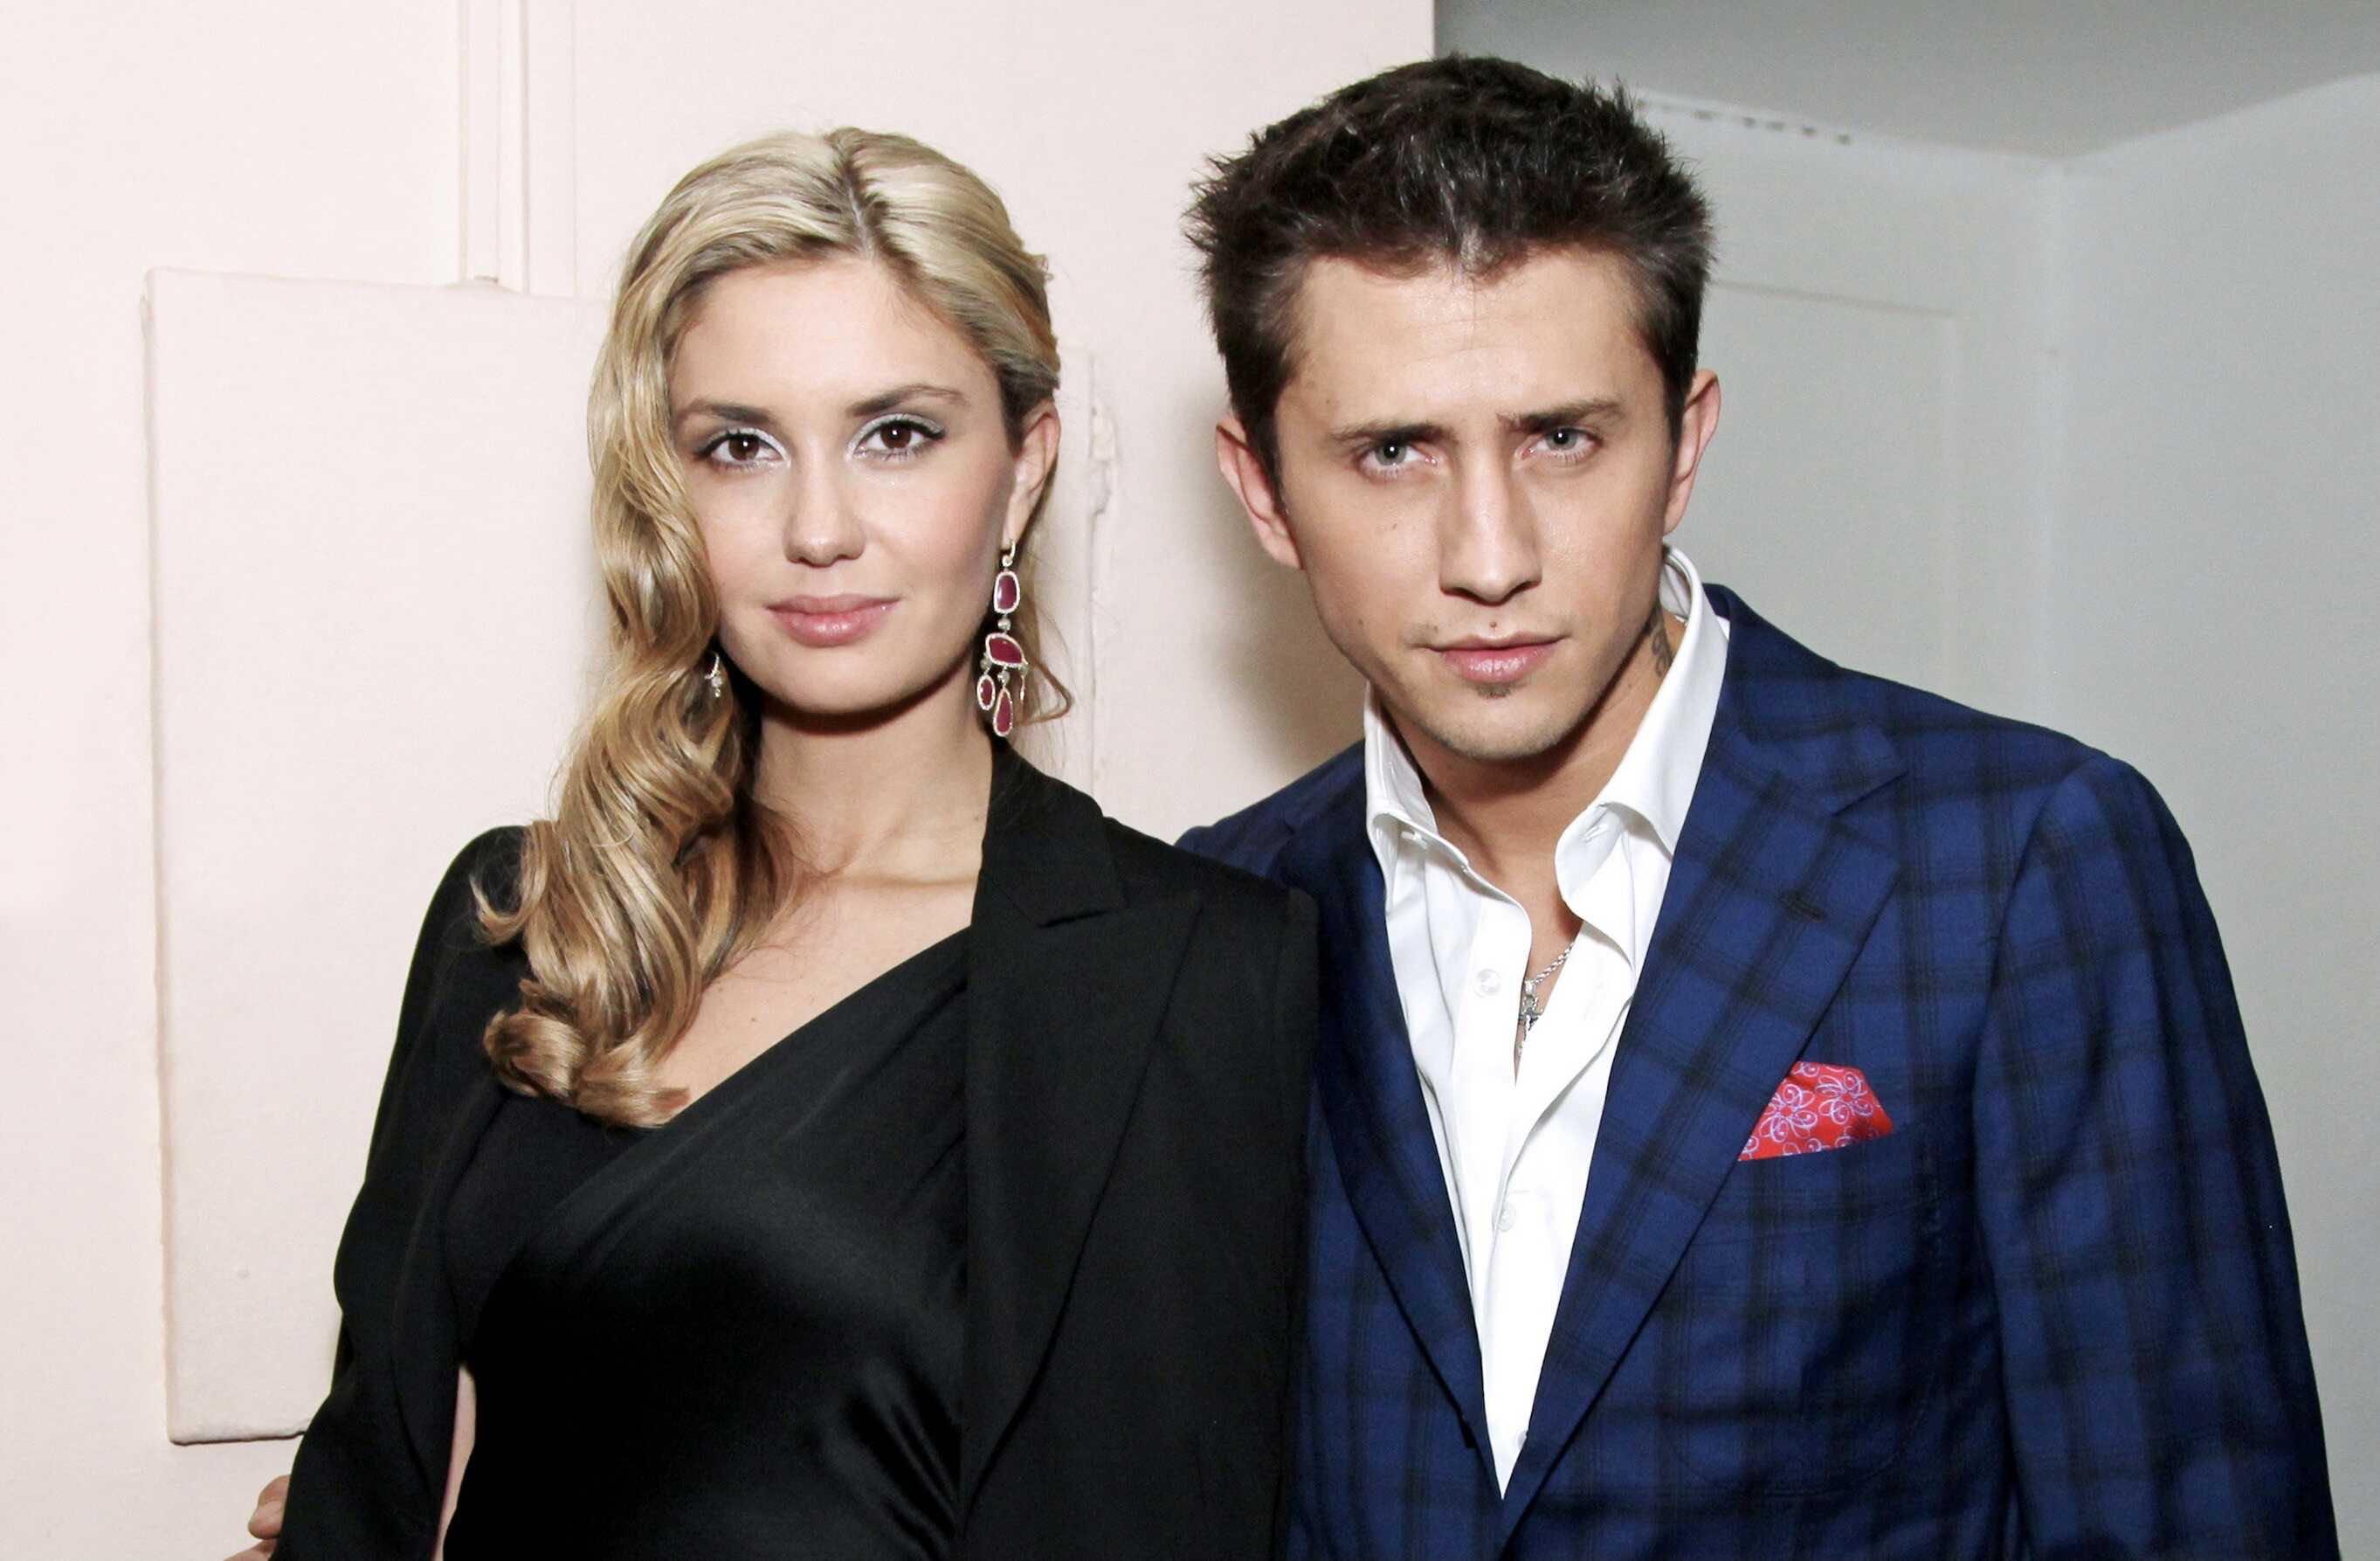 Агата Муцениеце, обвиняющая Павла Прилучного в предательстве, заявила, что совсем не против супружеских измен